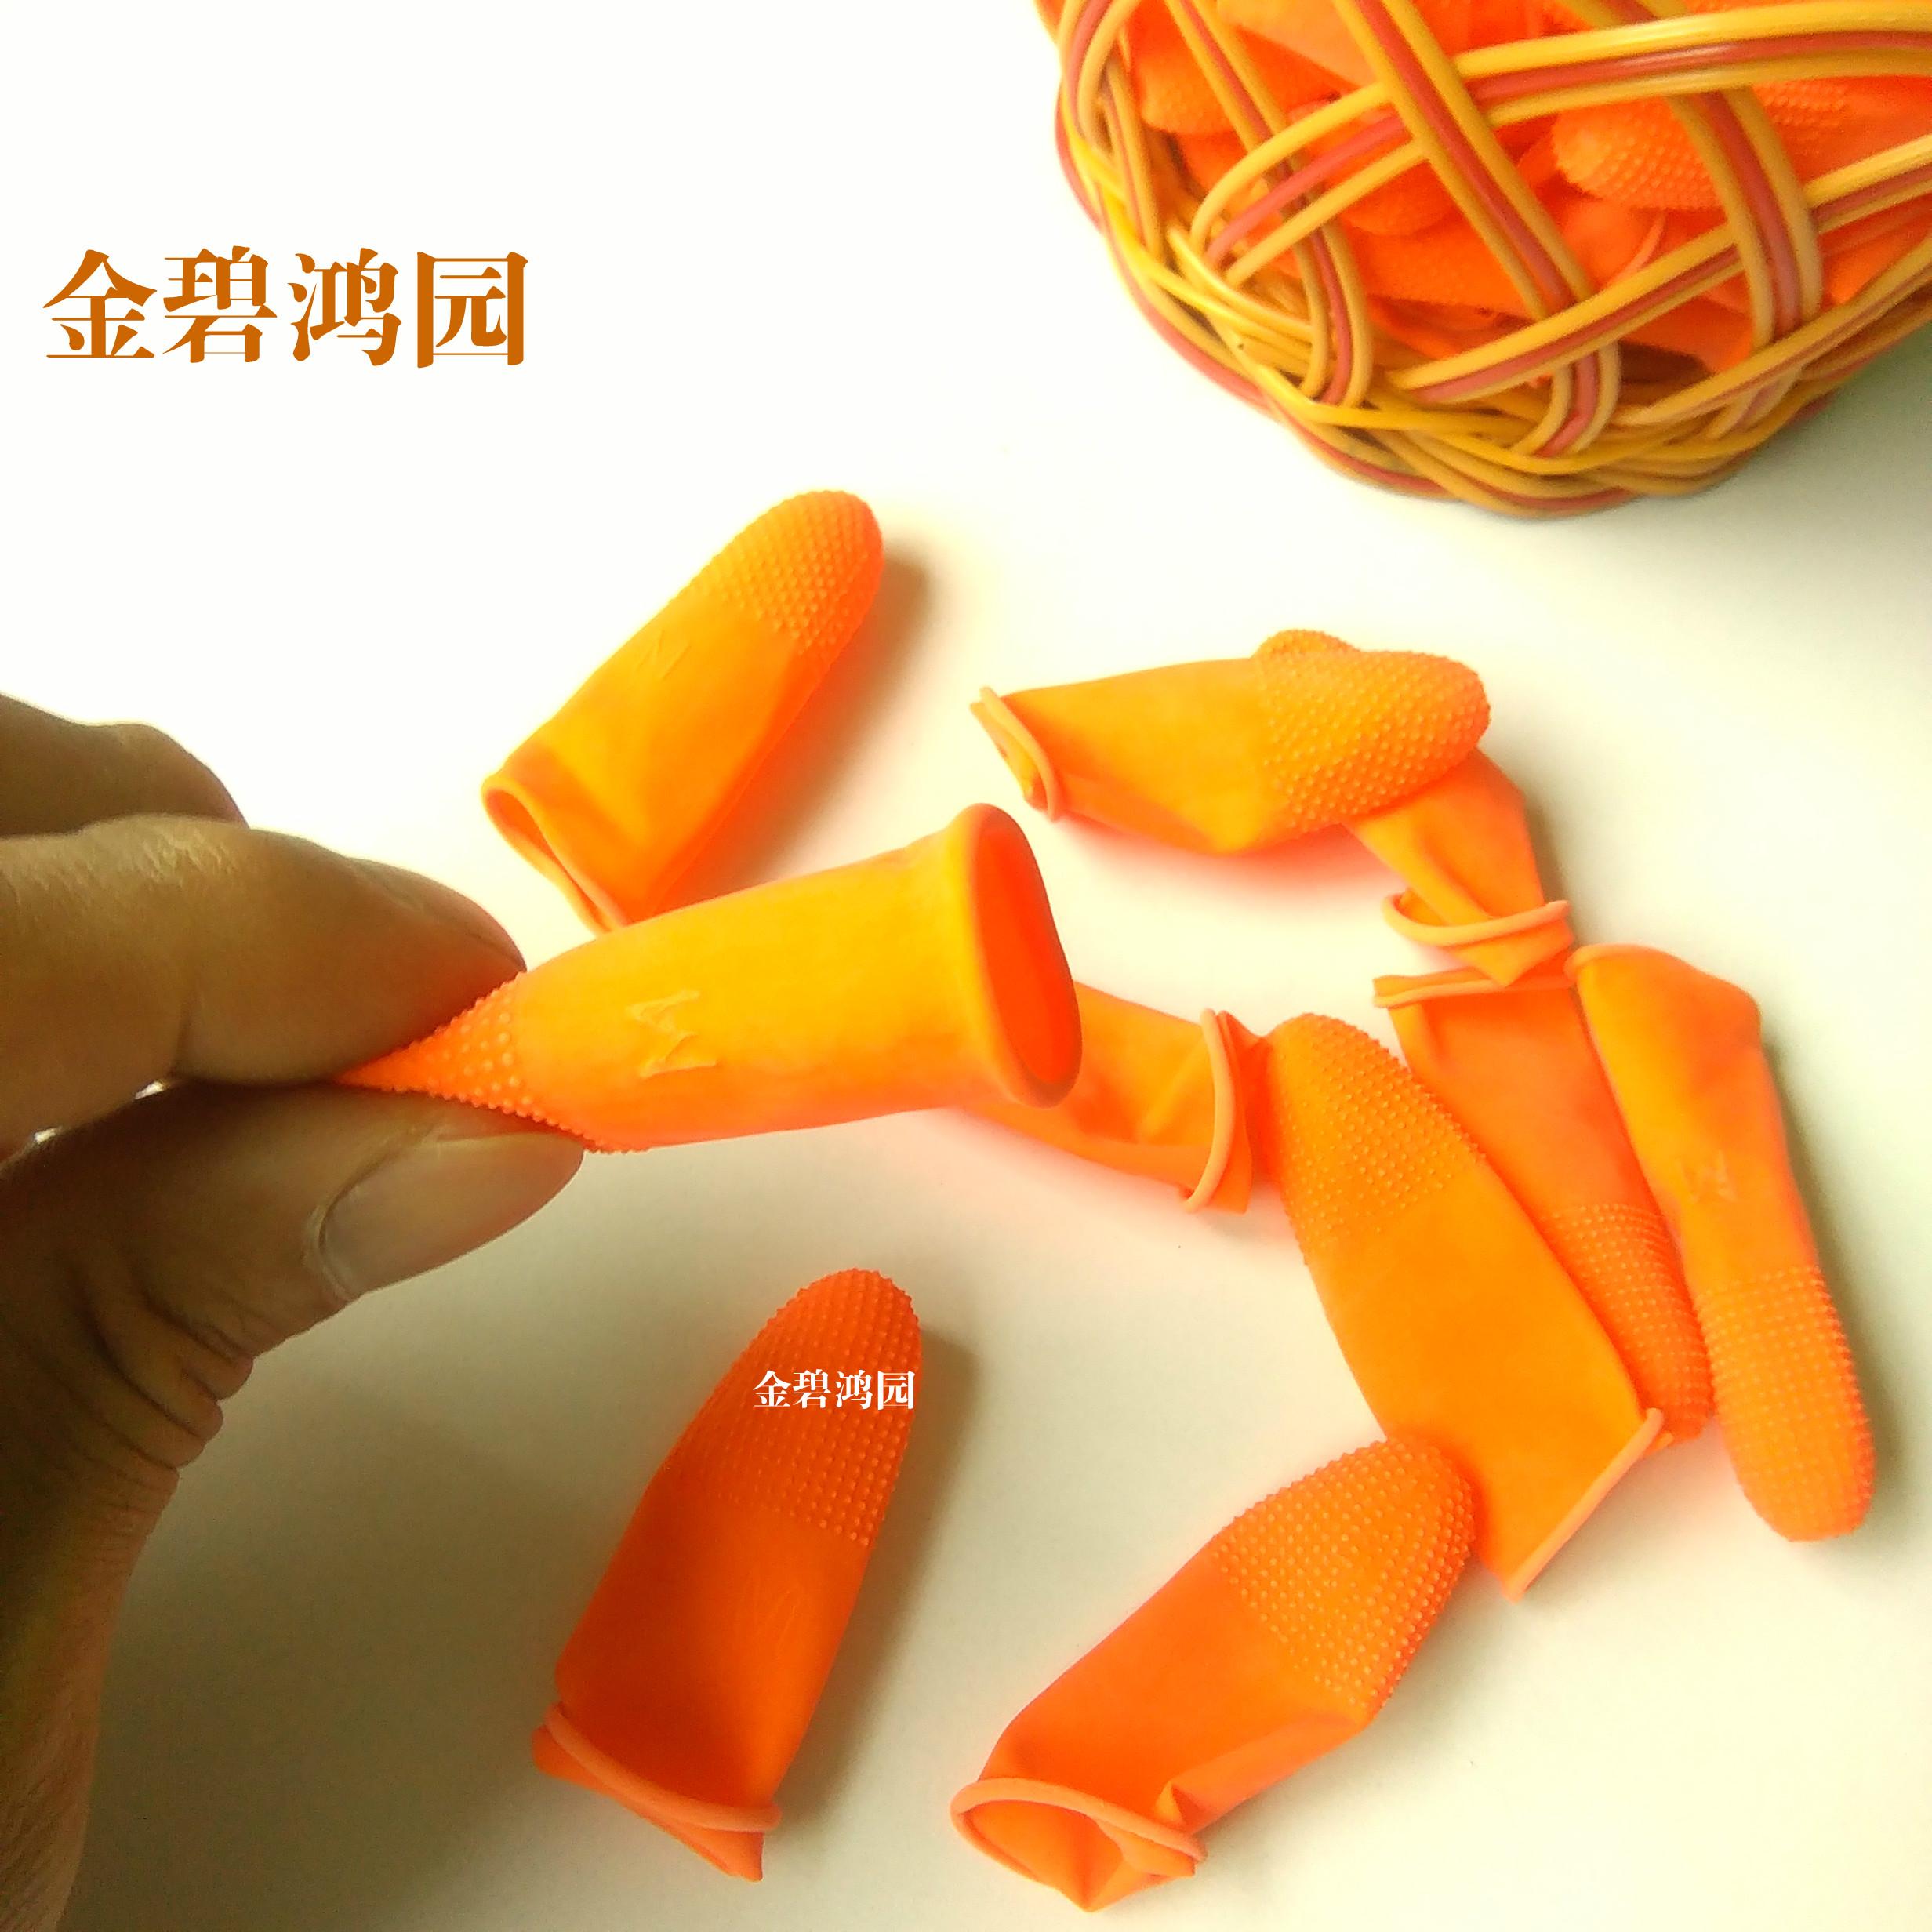 одноразовые противоскользящее латекса палец счетной охраны труда учителей писать книгу резины для рук ямы одного пальцы шапка